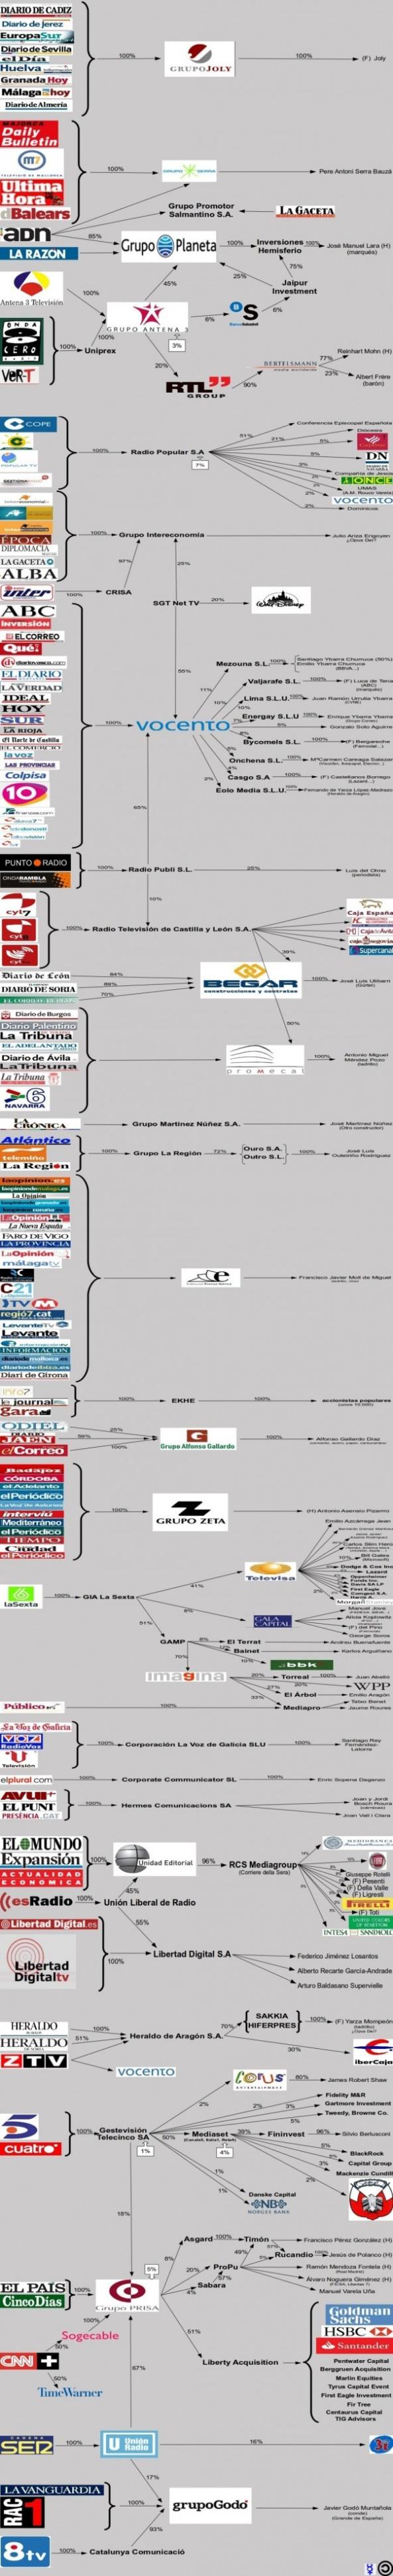 mediosdecomunicacion España